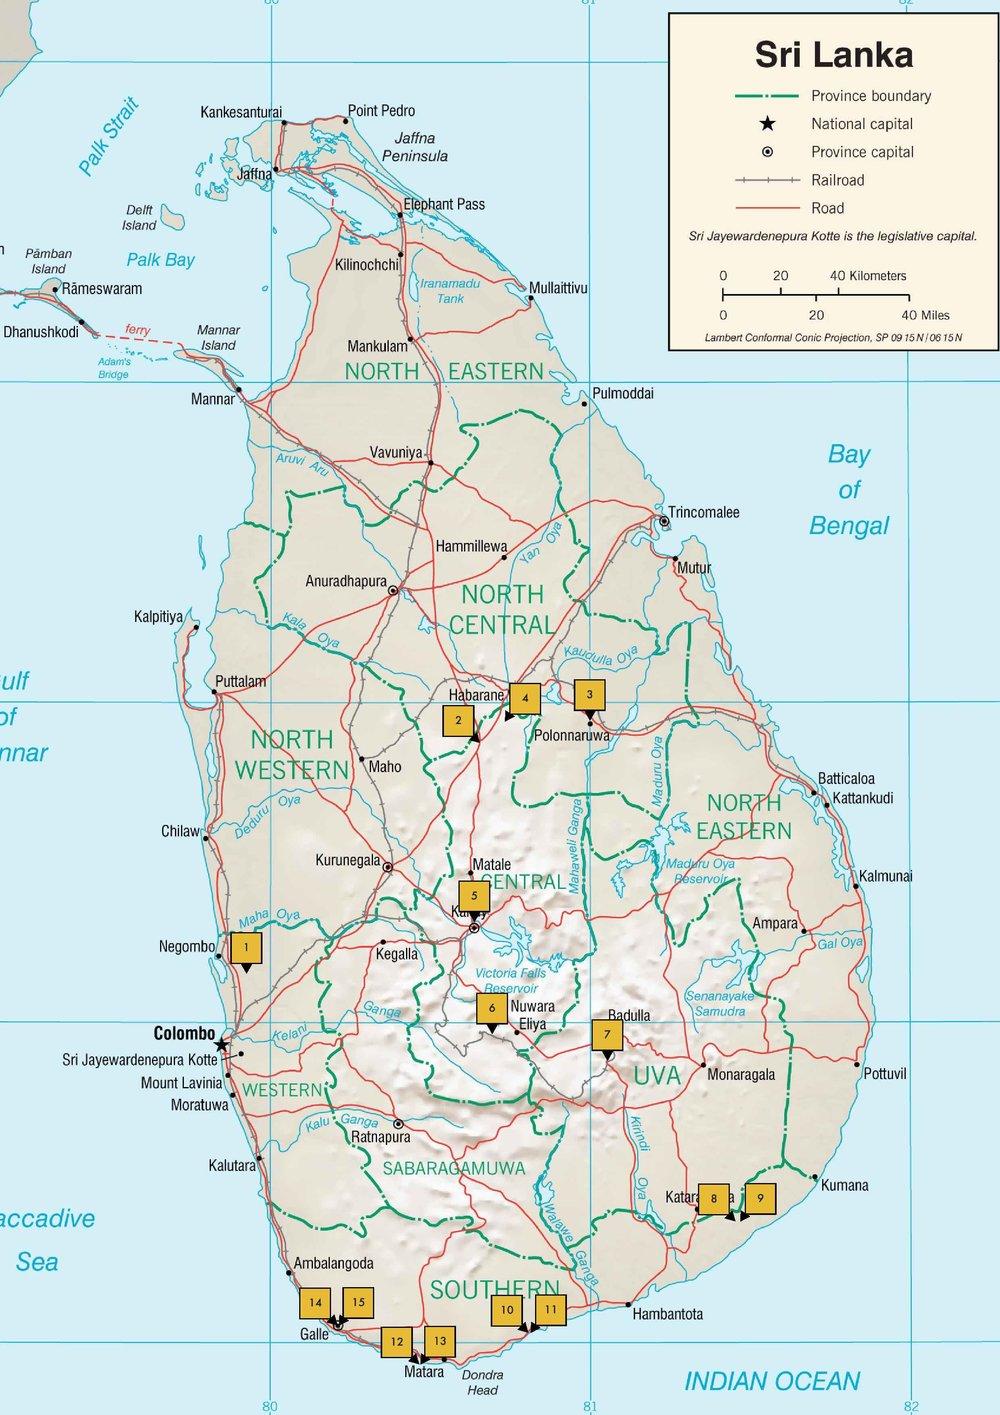 THE BIG TRIP: SRI LANKA MAP